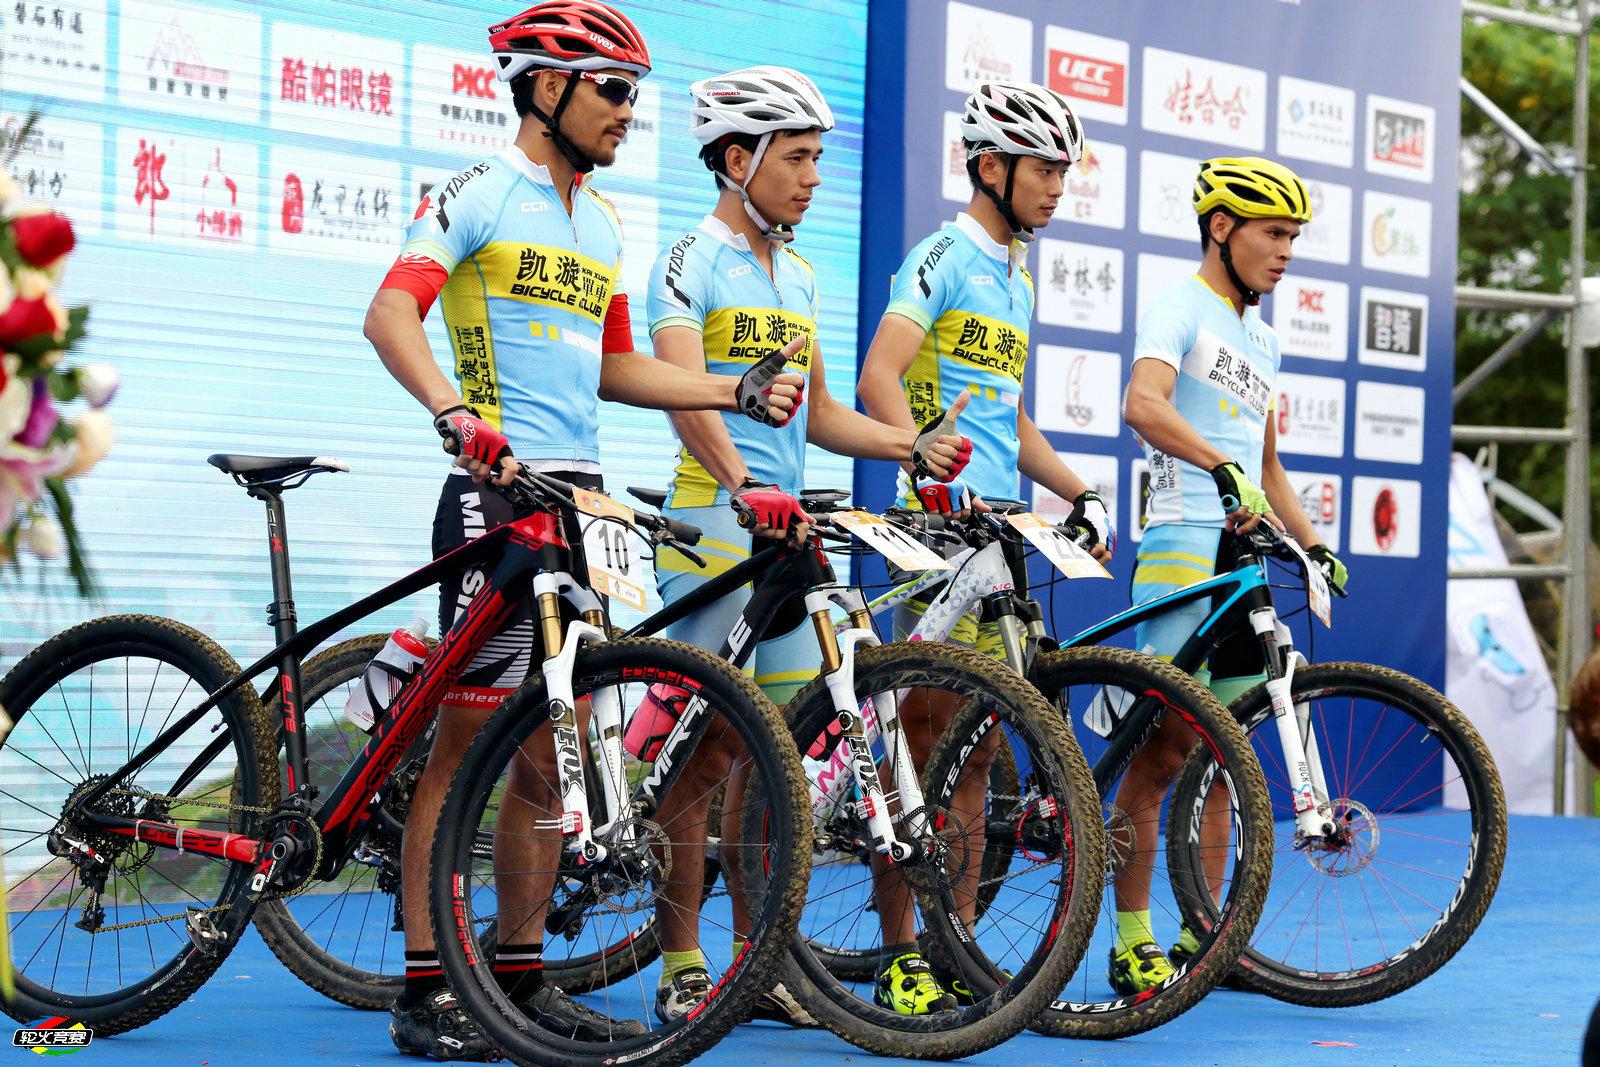 062016中国山地自行车公开赛贵州龙里站.JPG